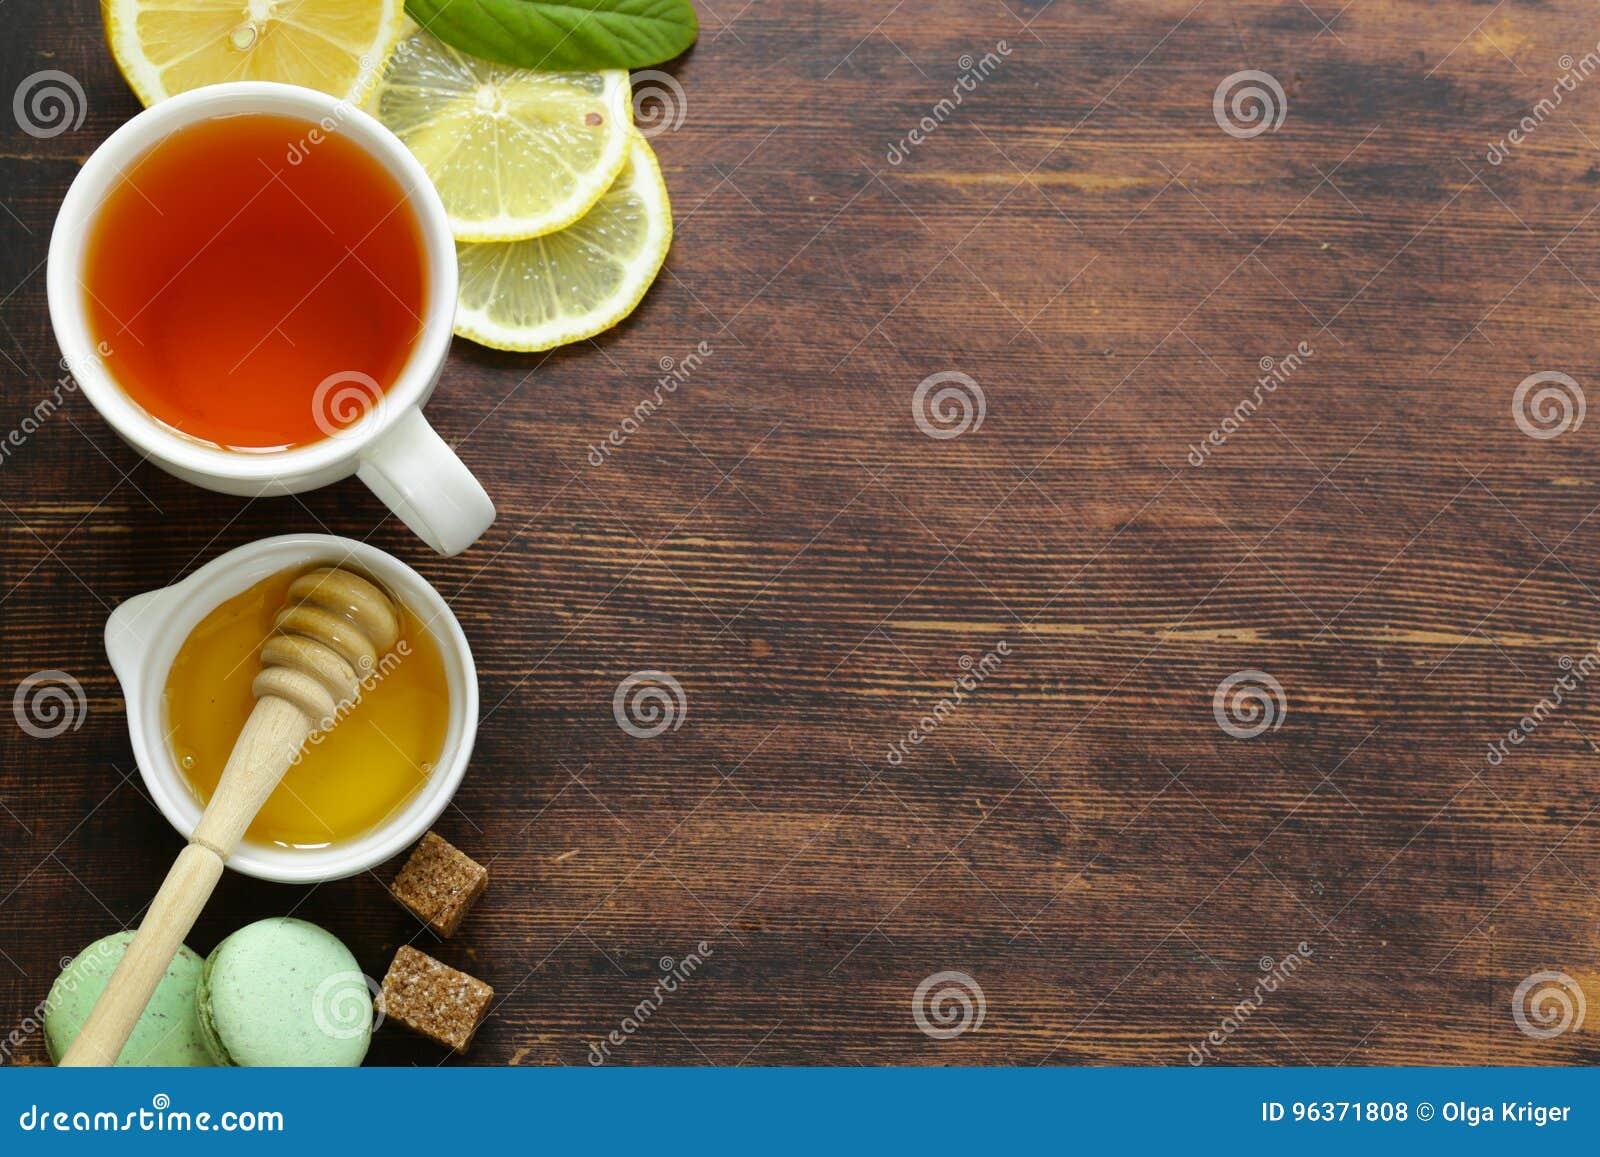 Schwarzer Tee Mit Zitrone Und Honig Stockfoto Bild Von Gesund